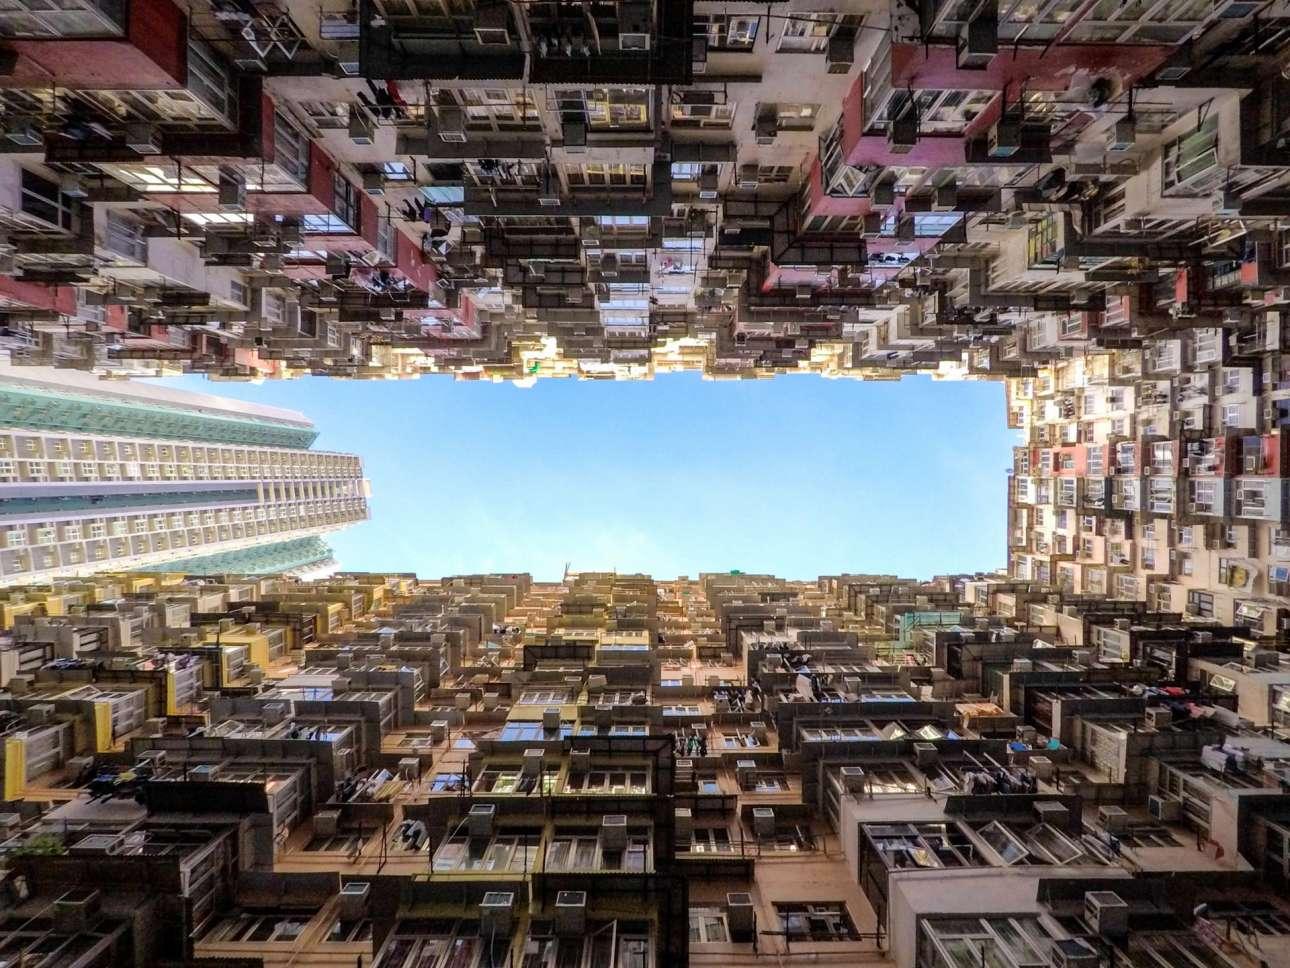 Φιναλίστ κατηγορία Αστικό Τοπίο. Το πολυφωτογραφημένο σύμπλεγμα κατοικιών Montane Mansion στο Χονγκ Κονγκ